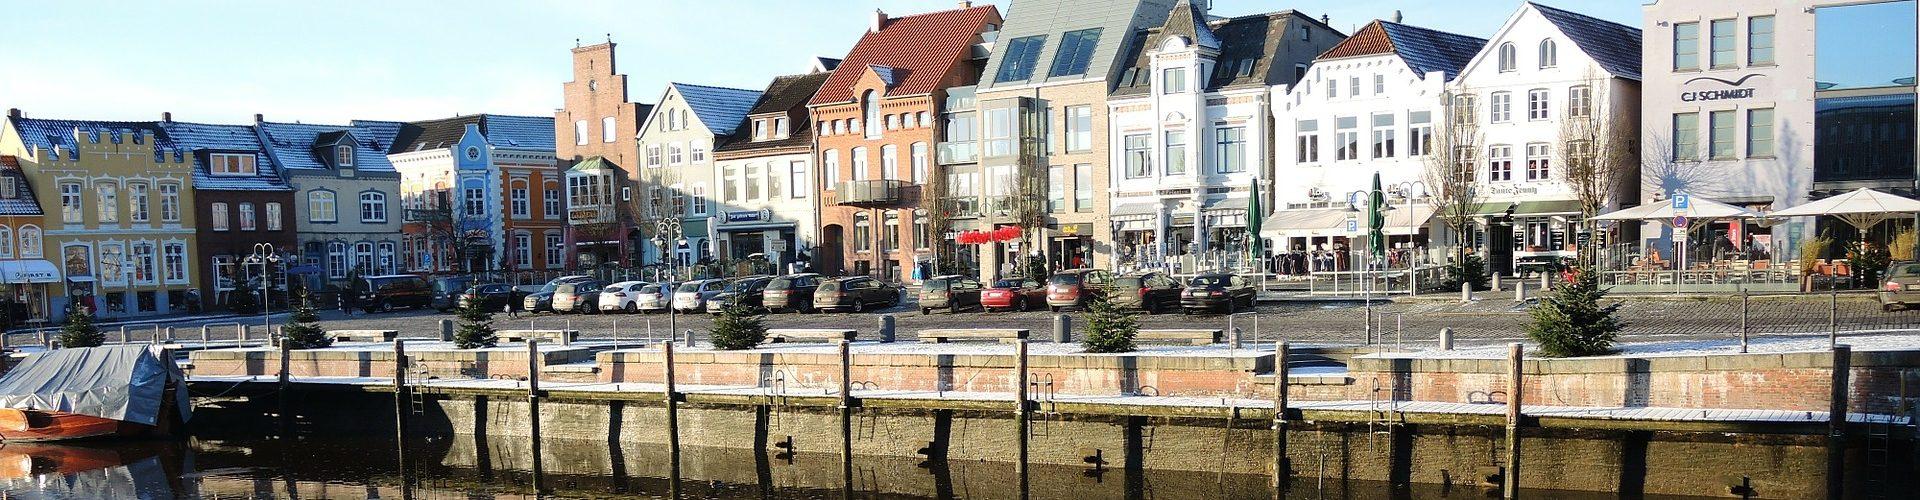 Husum Hafen